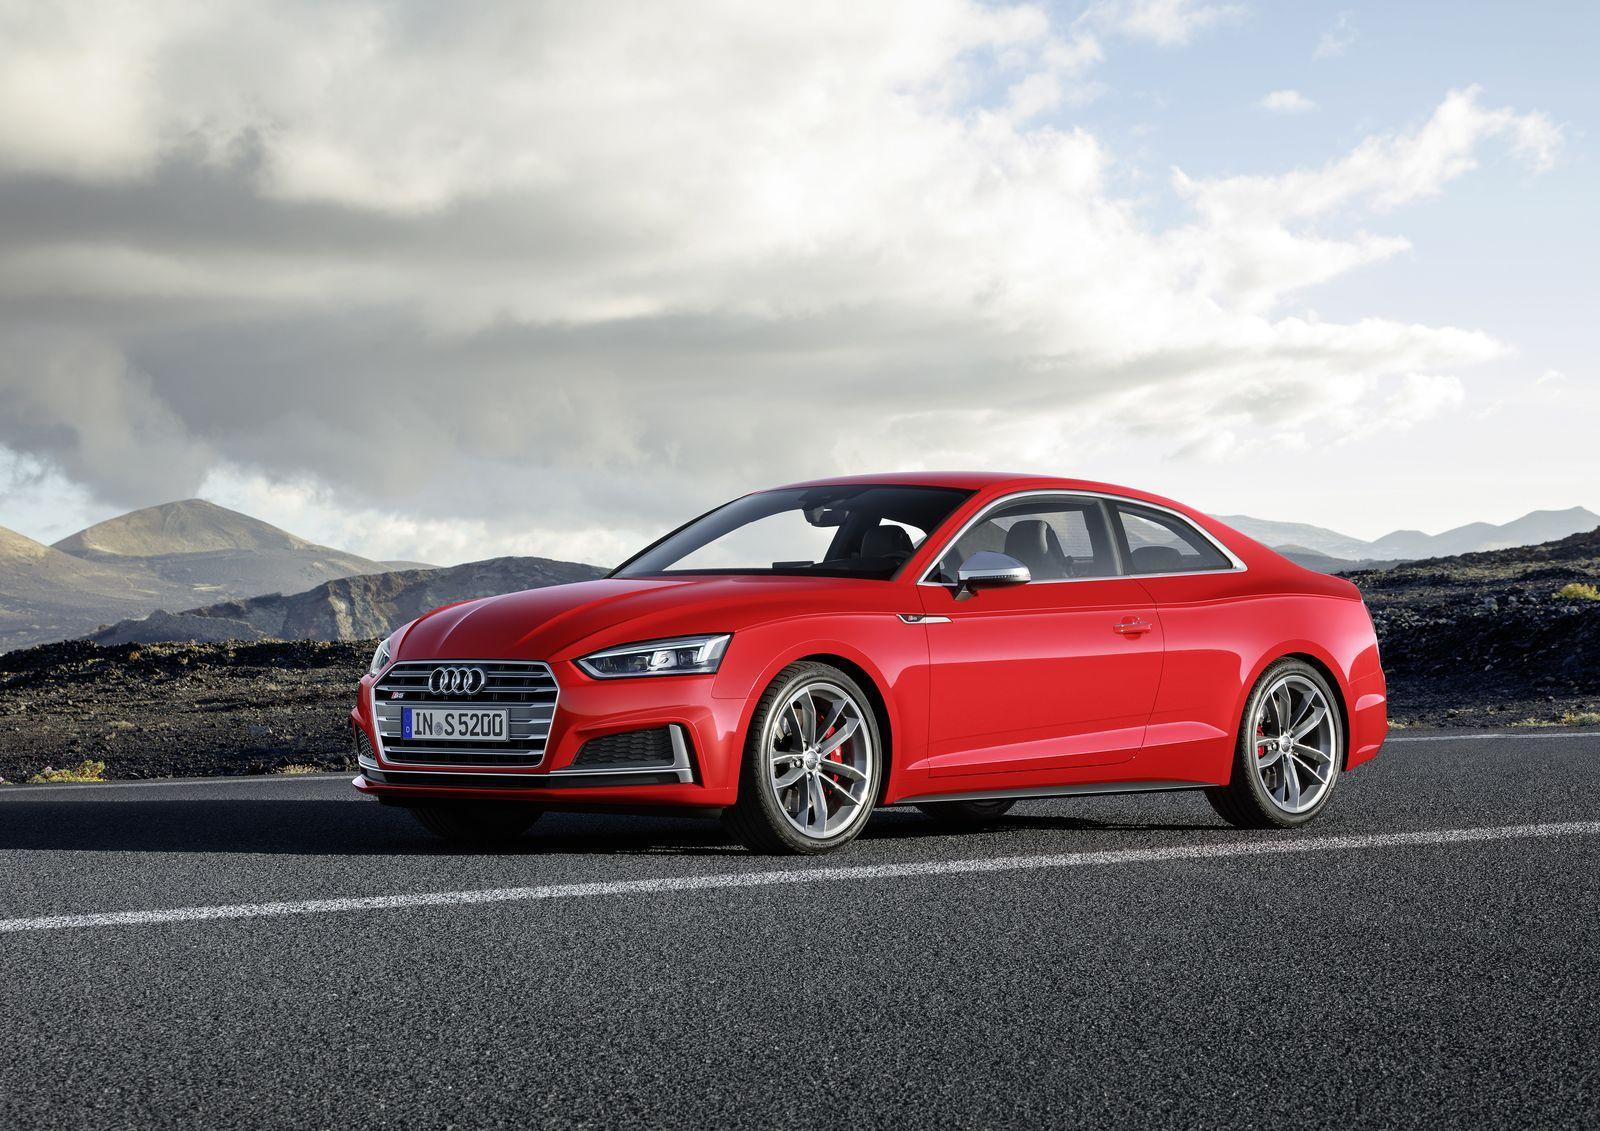 Audi S5 отличает аэродинамическим обвесом, другими колёсными дисками, усиленными тормозами, серебристыми корпусами зеркал